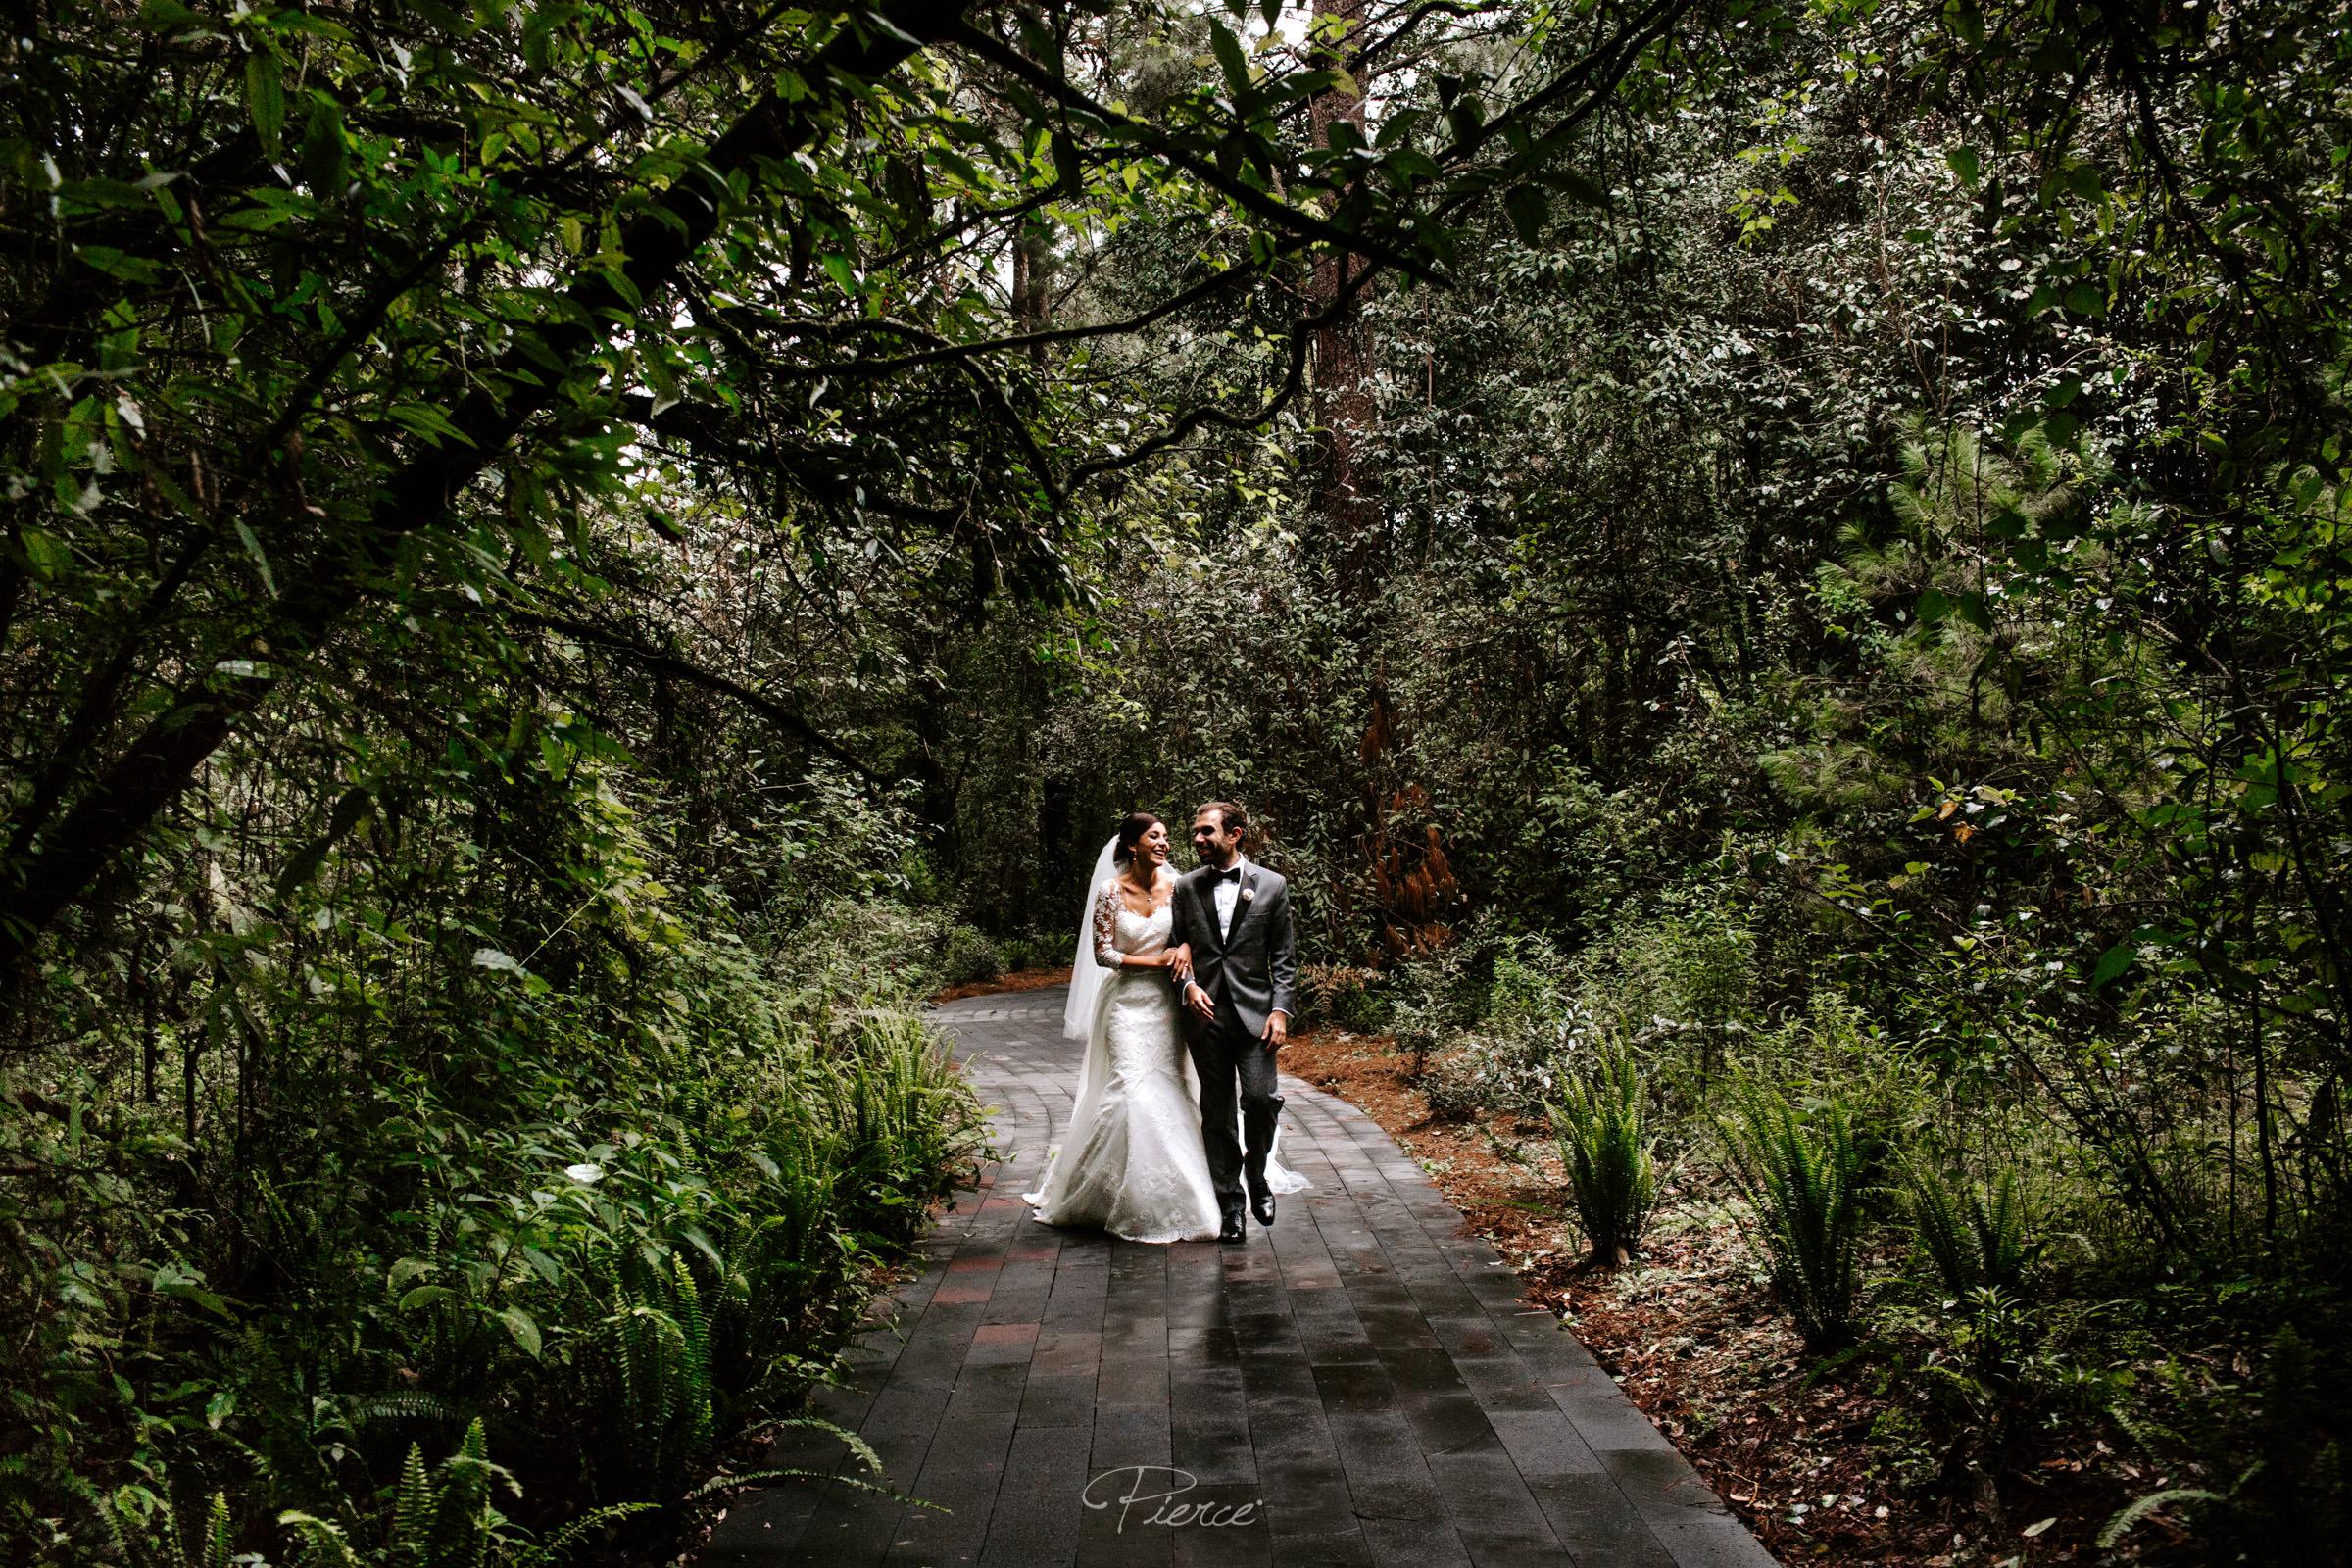 fotografia-de-boda-valle-de-bravo-mexico-rosmarino-pierce-weddings-0028.JPG